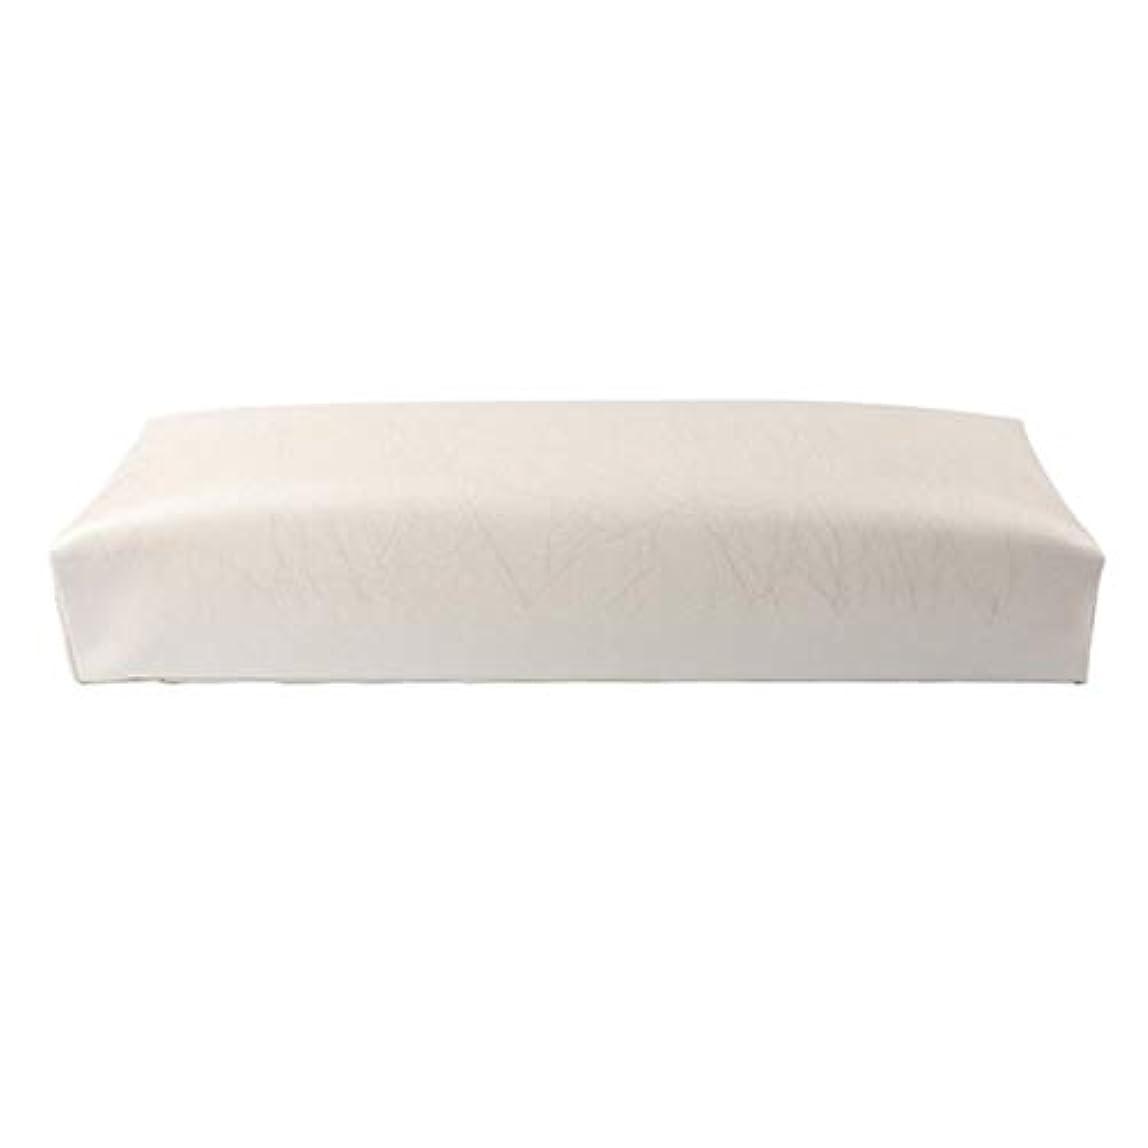 調子太字レインコートCUHAWUDBA ネイル用マニキュアハンド枕長方形PUレザーハンドレストクッションネイルピローサロンハンドホルダーアームレストレストマニキュアネイルアートアクセサリーツールホワイト